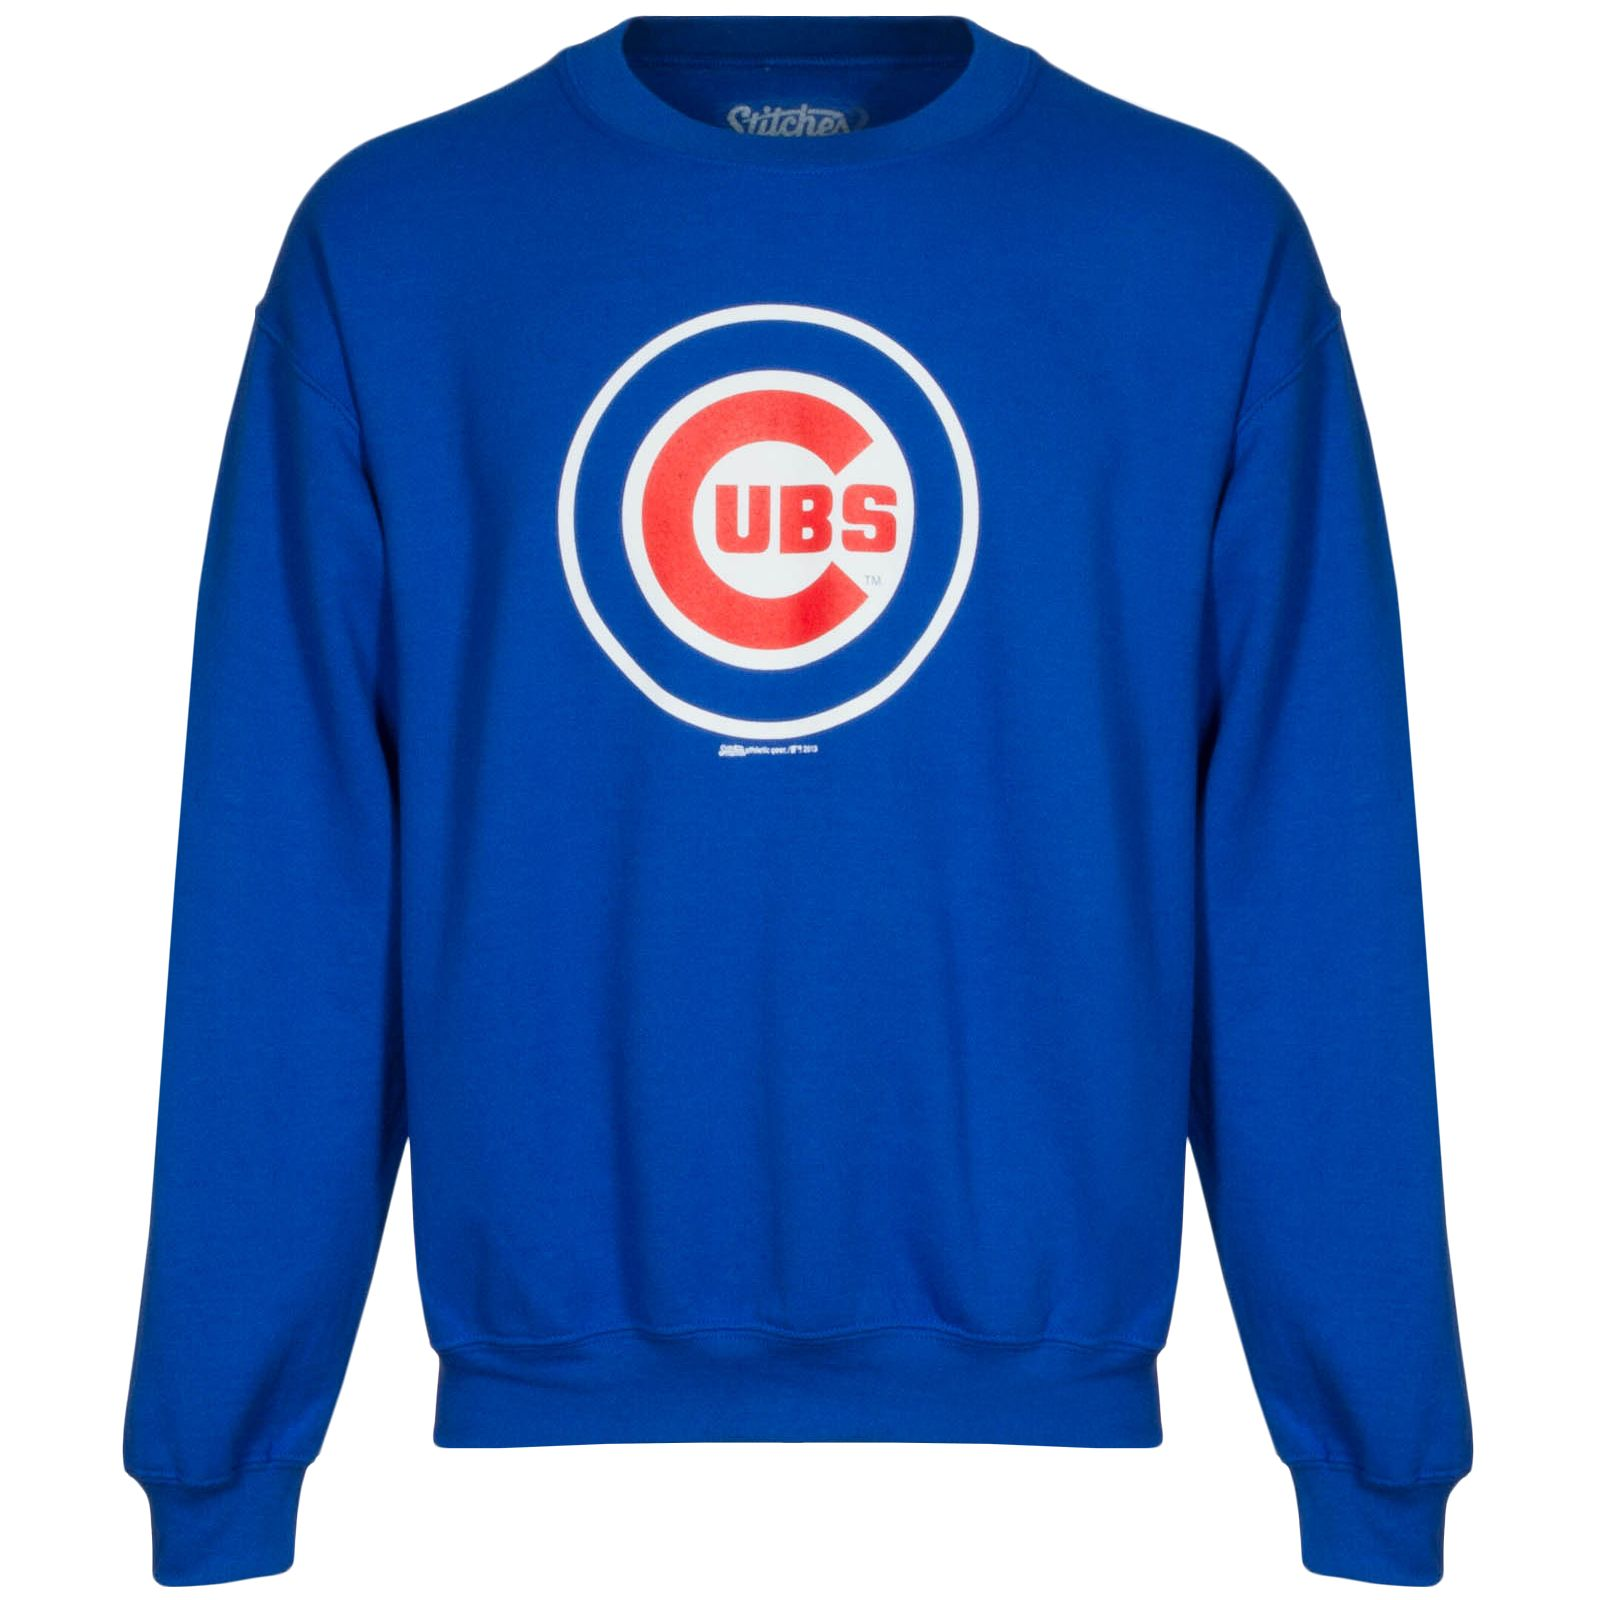 Cumcs00007 Sweatshirts Cubs Clothes Baseball Sweatshirts